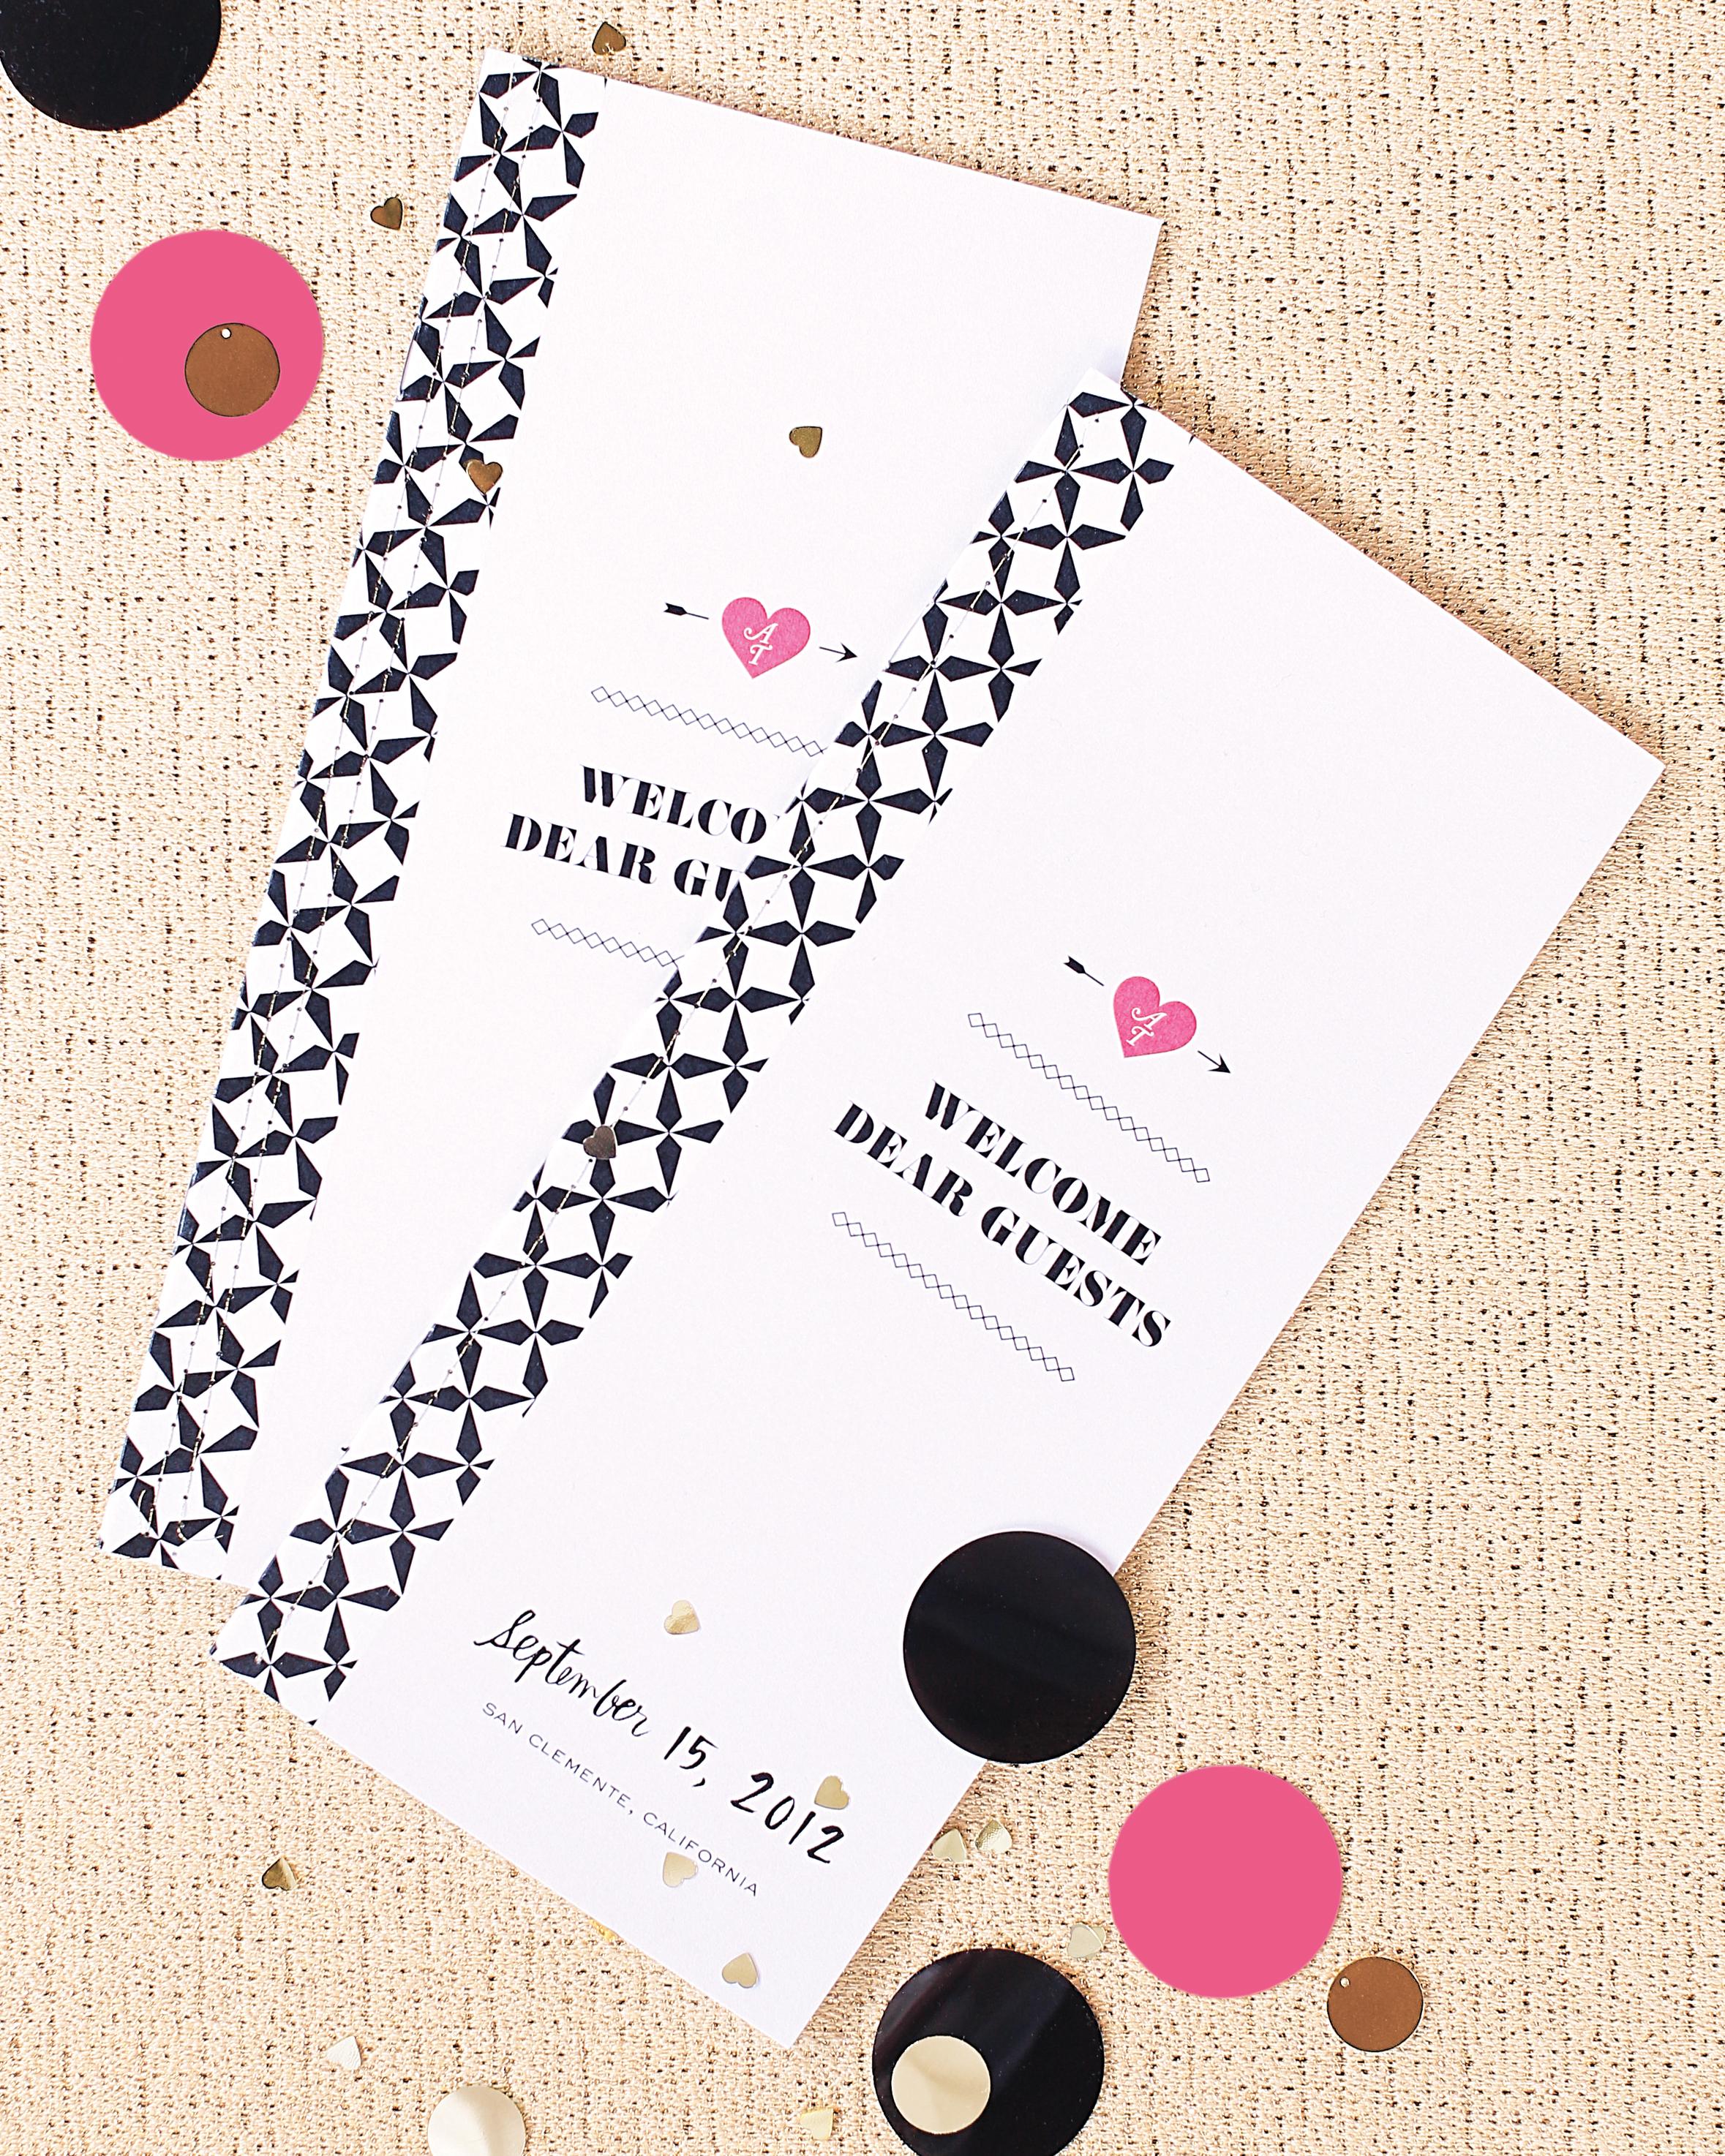 welcome-card-001-mwd109359.jpg